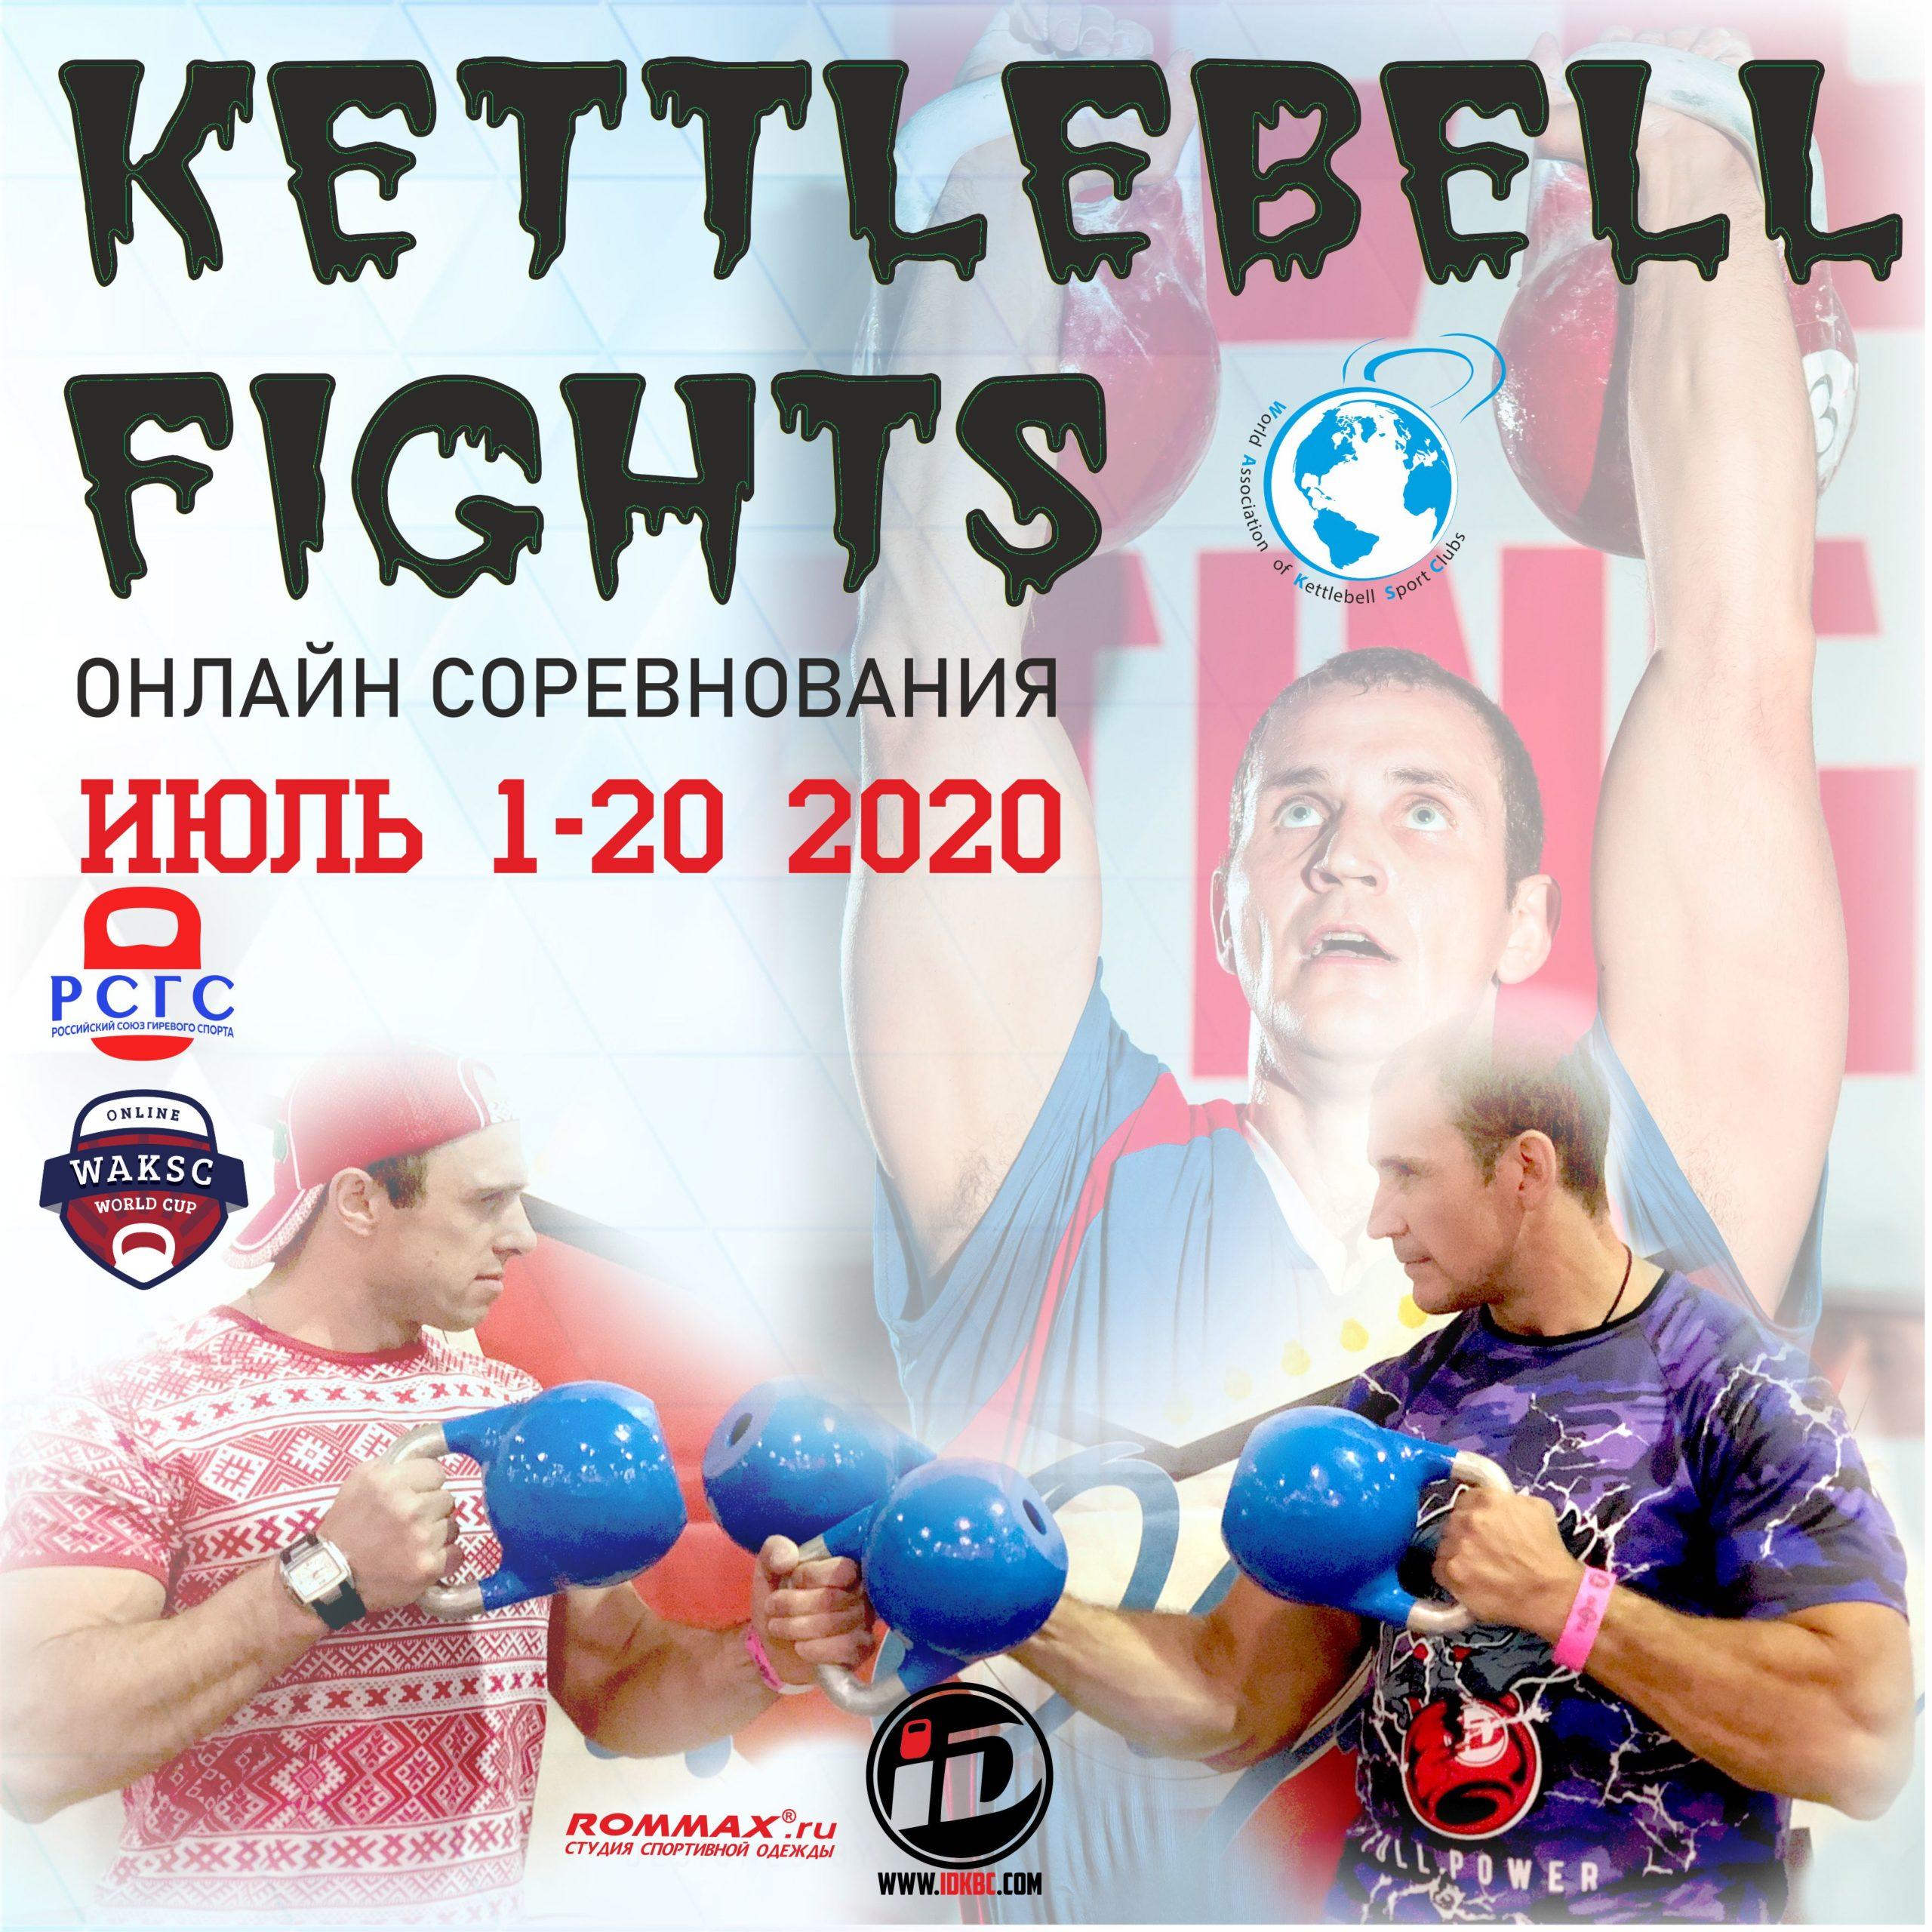 Онлайн Турнир Kettlebell Fights